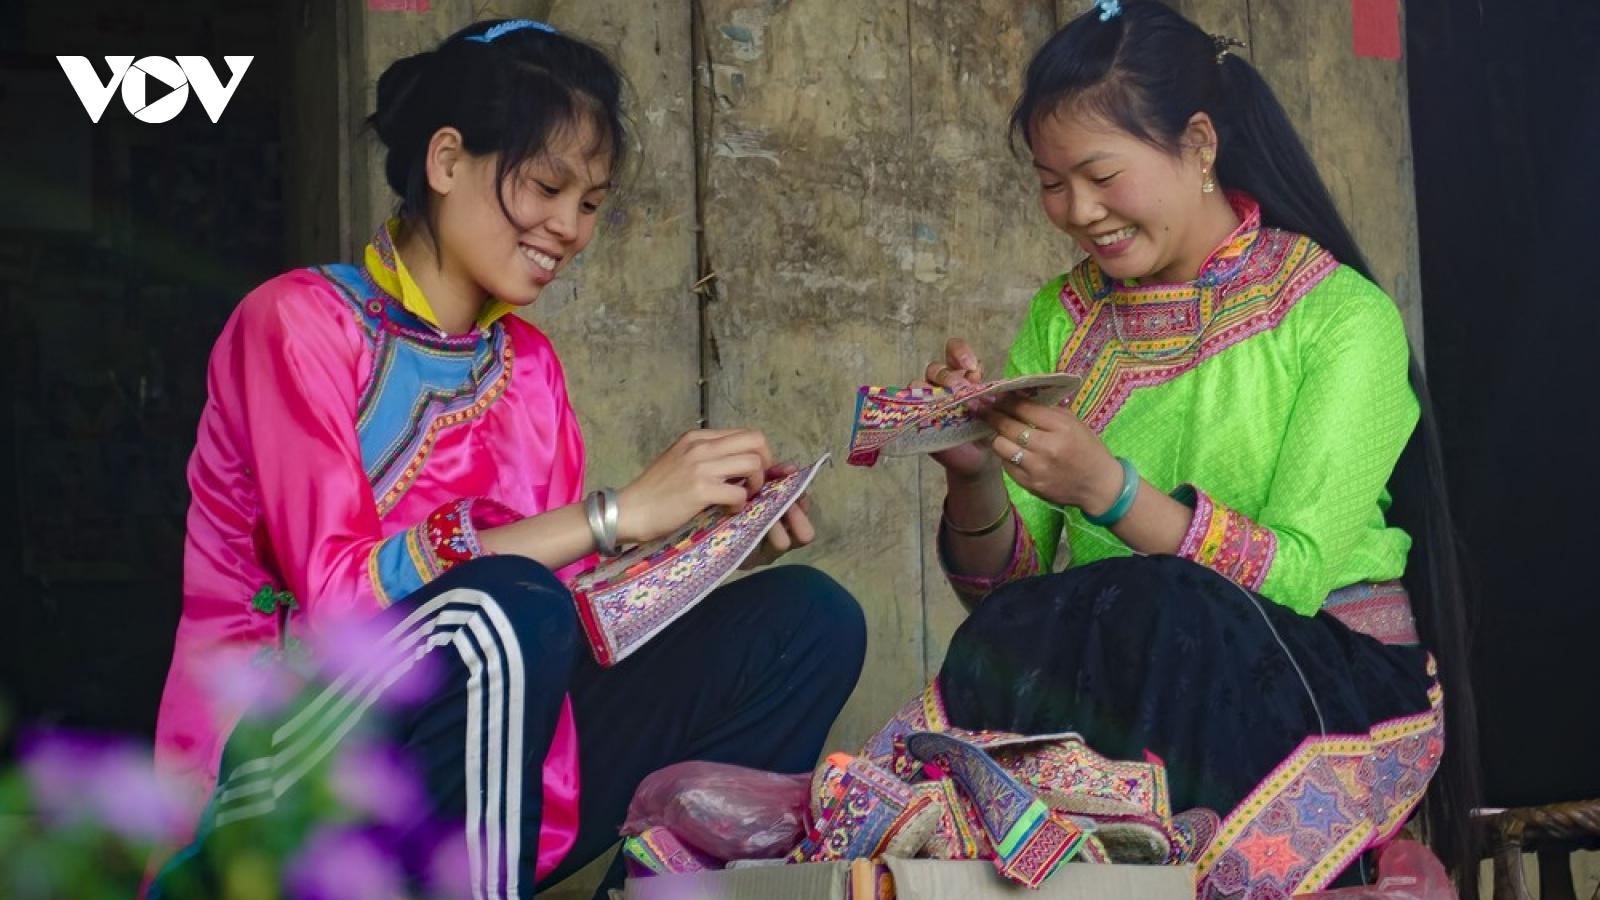 Nghề làm giày thêu, múa dân gian Khơ Mú là Di sản văn hóa phi vật thể cấp quốc gia